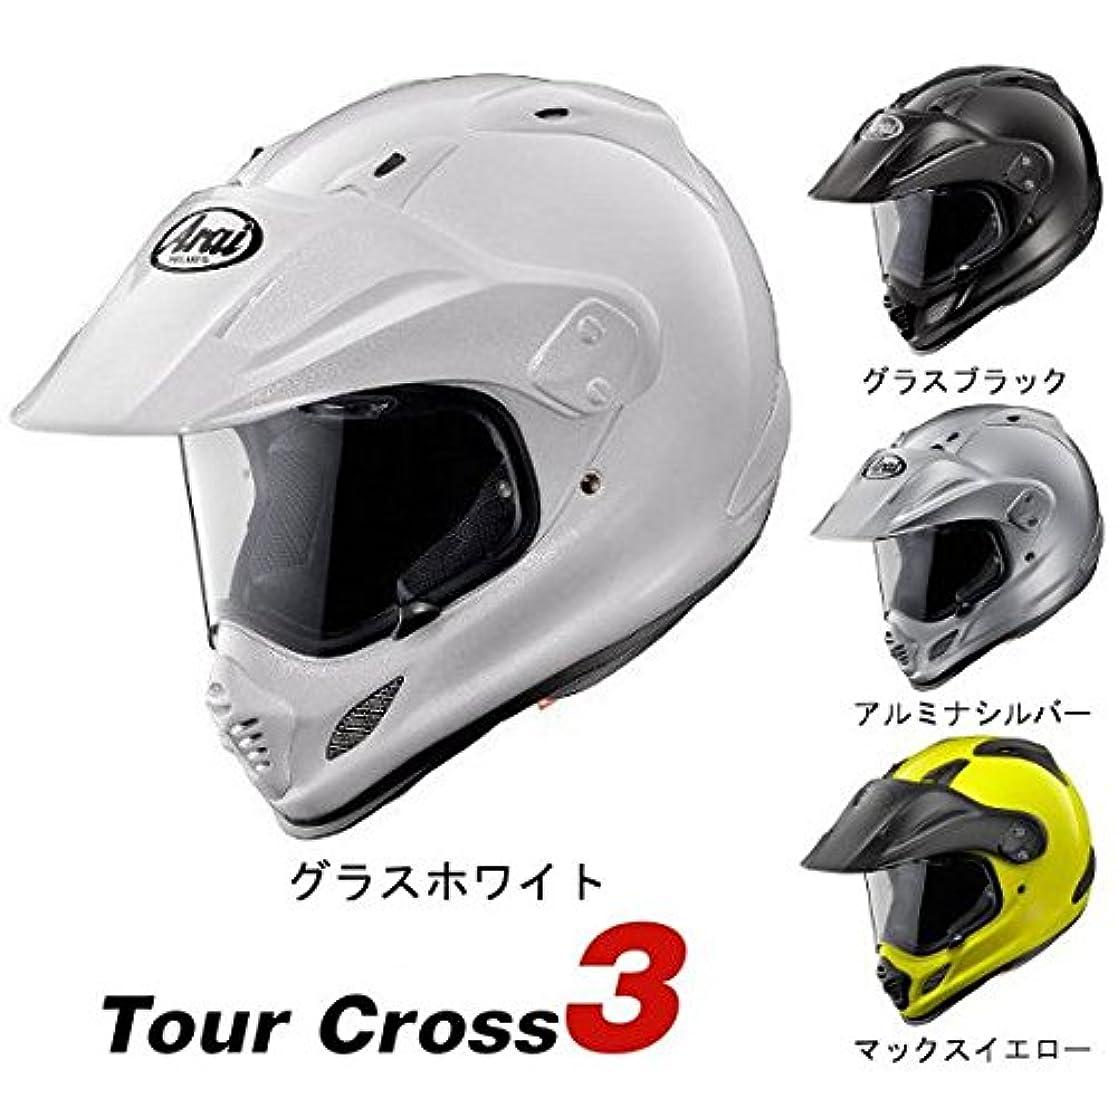 拘束親密な涙アライ(ARAI) バイクヘルメット オフロード TOUR-CROSS 3 グラスホワイト L 59-60cm